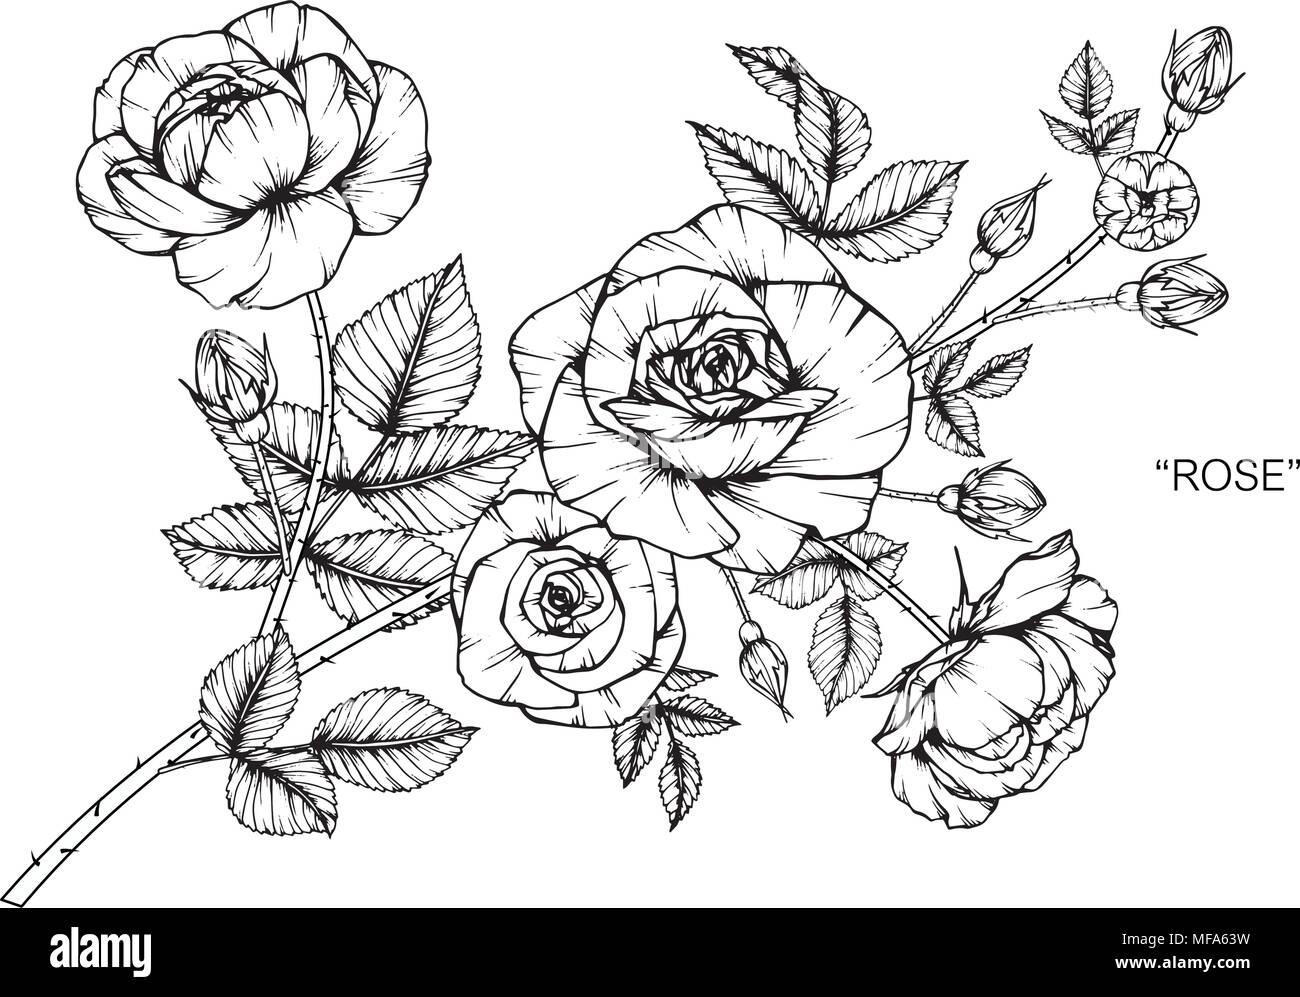 Ilustración Dibujo De Flores Rosas Blanco Y Negro Con Líneas Sobre